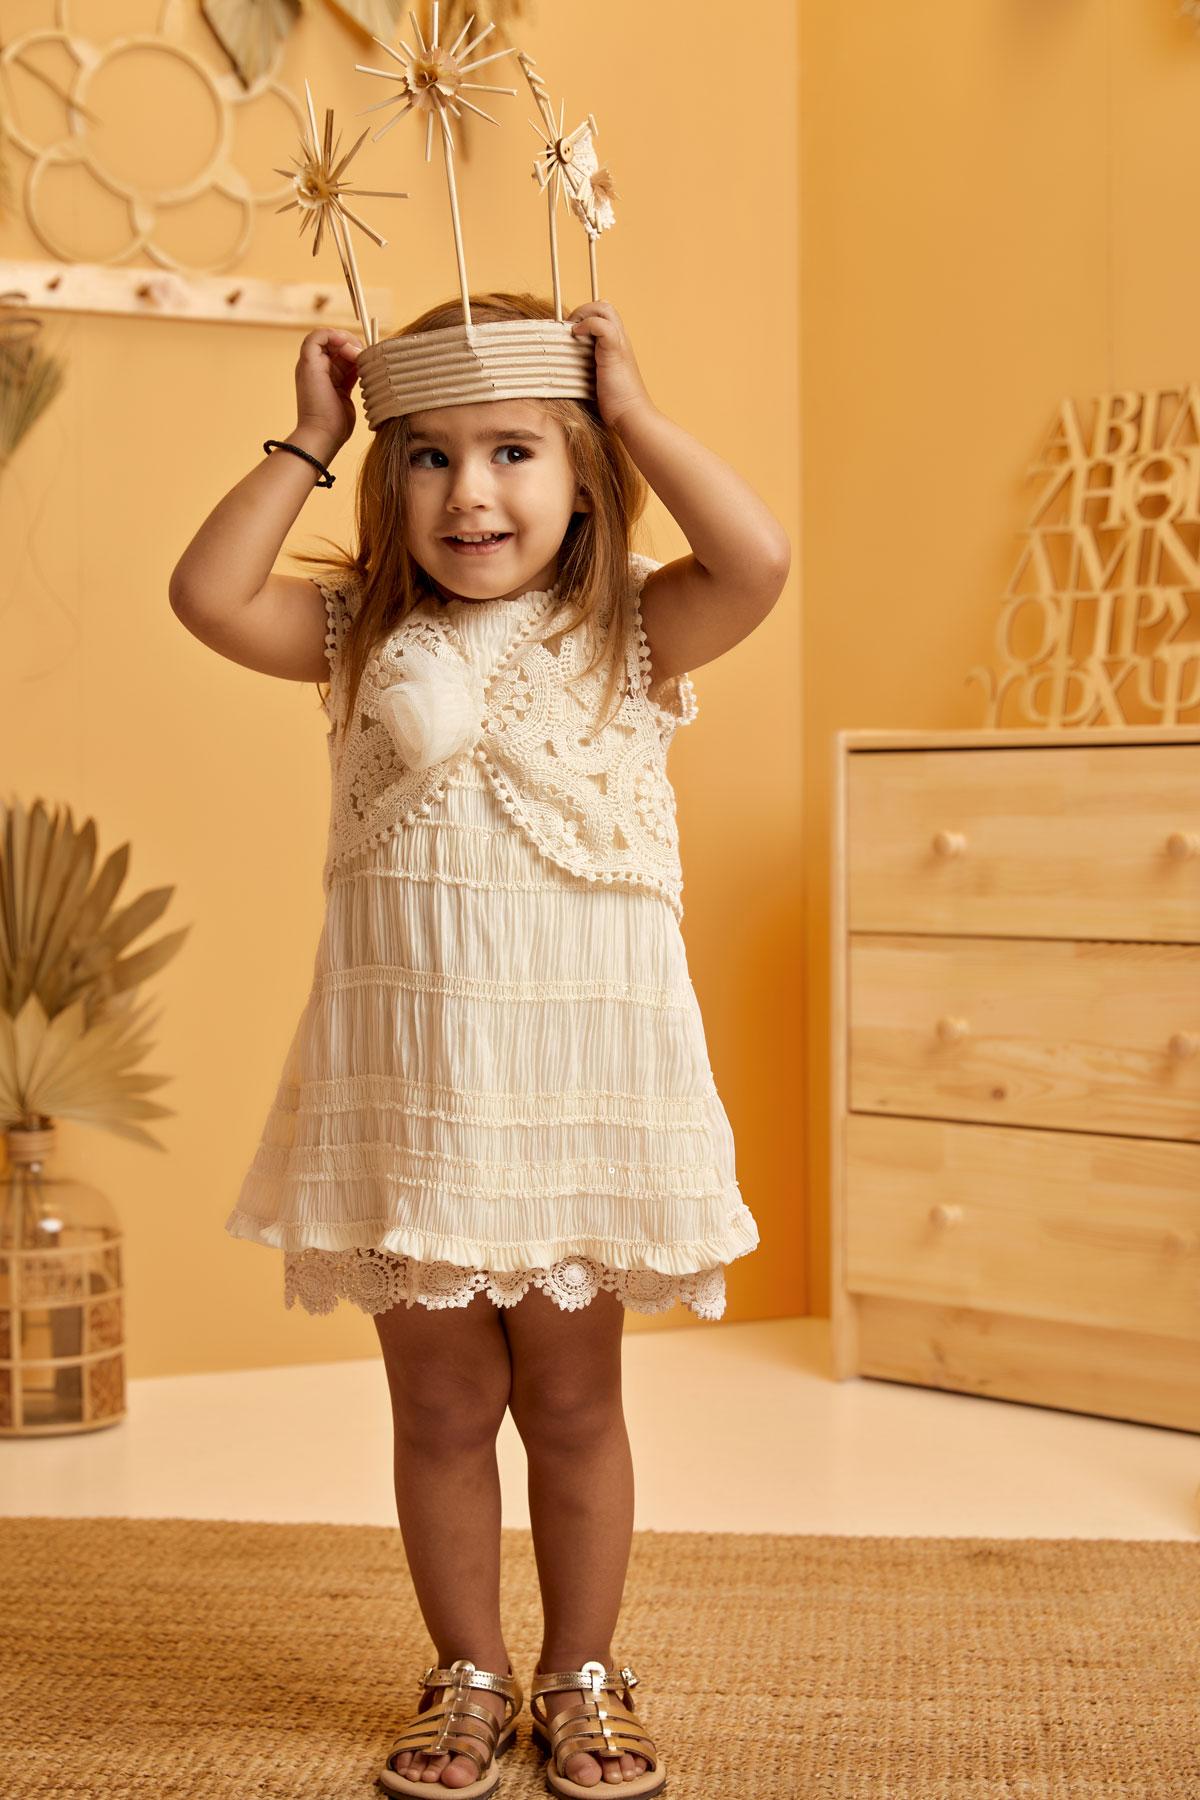 Βαπτιστικό φόρεμα εκρού Α γραμμή πλισέ σφηκκοφωλιά με ζακετάκι τσιγγελάκι